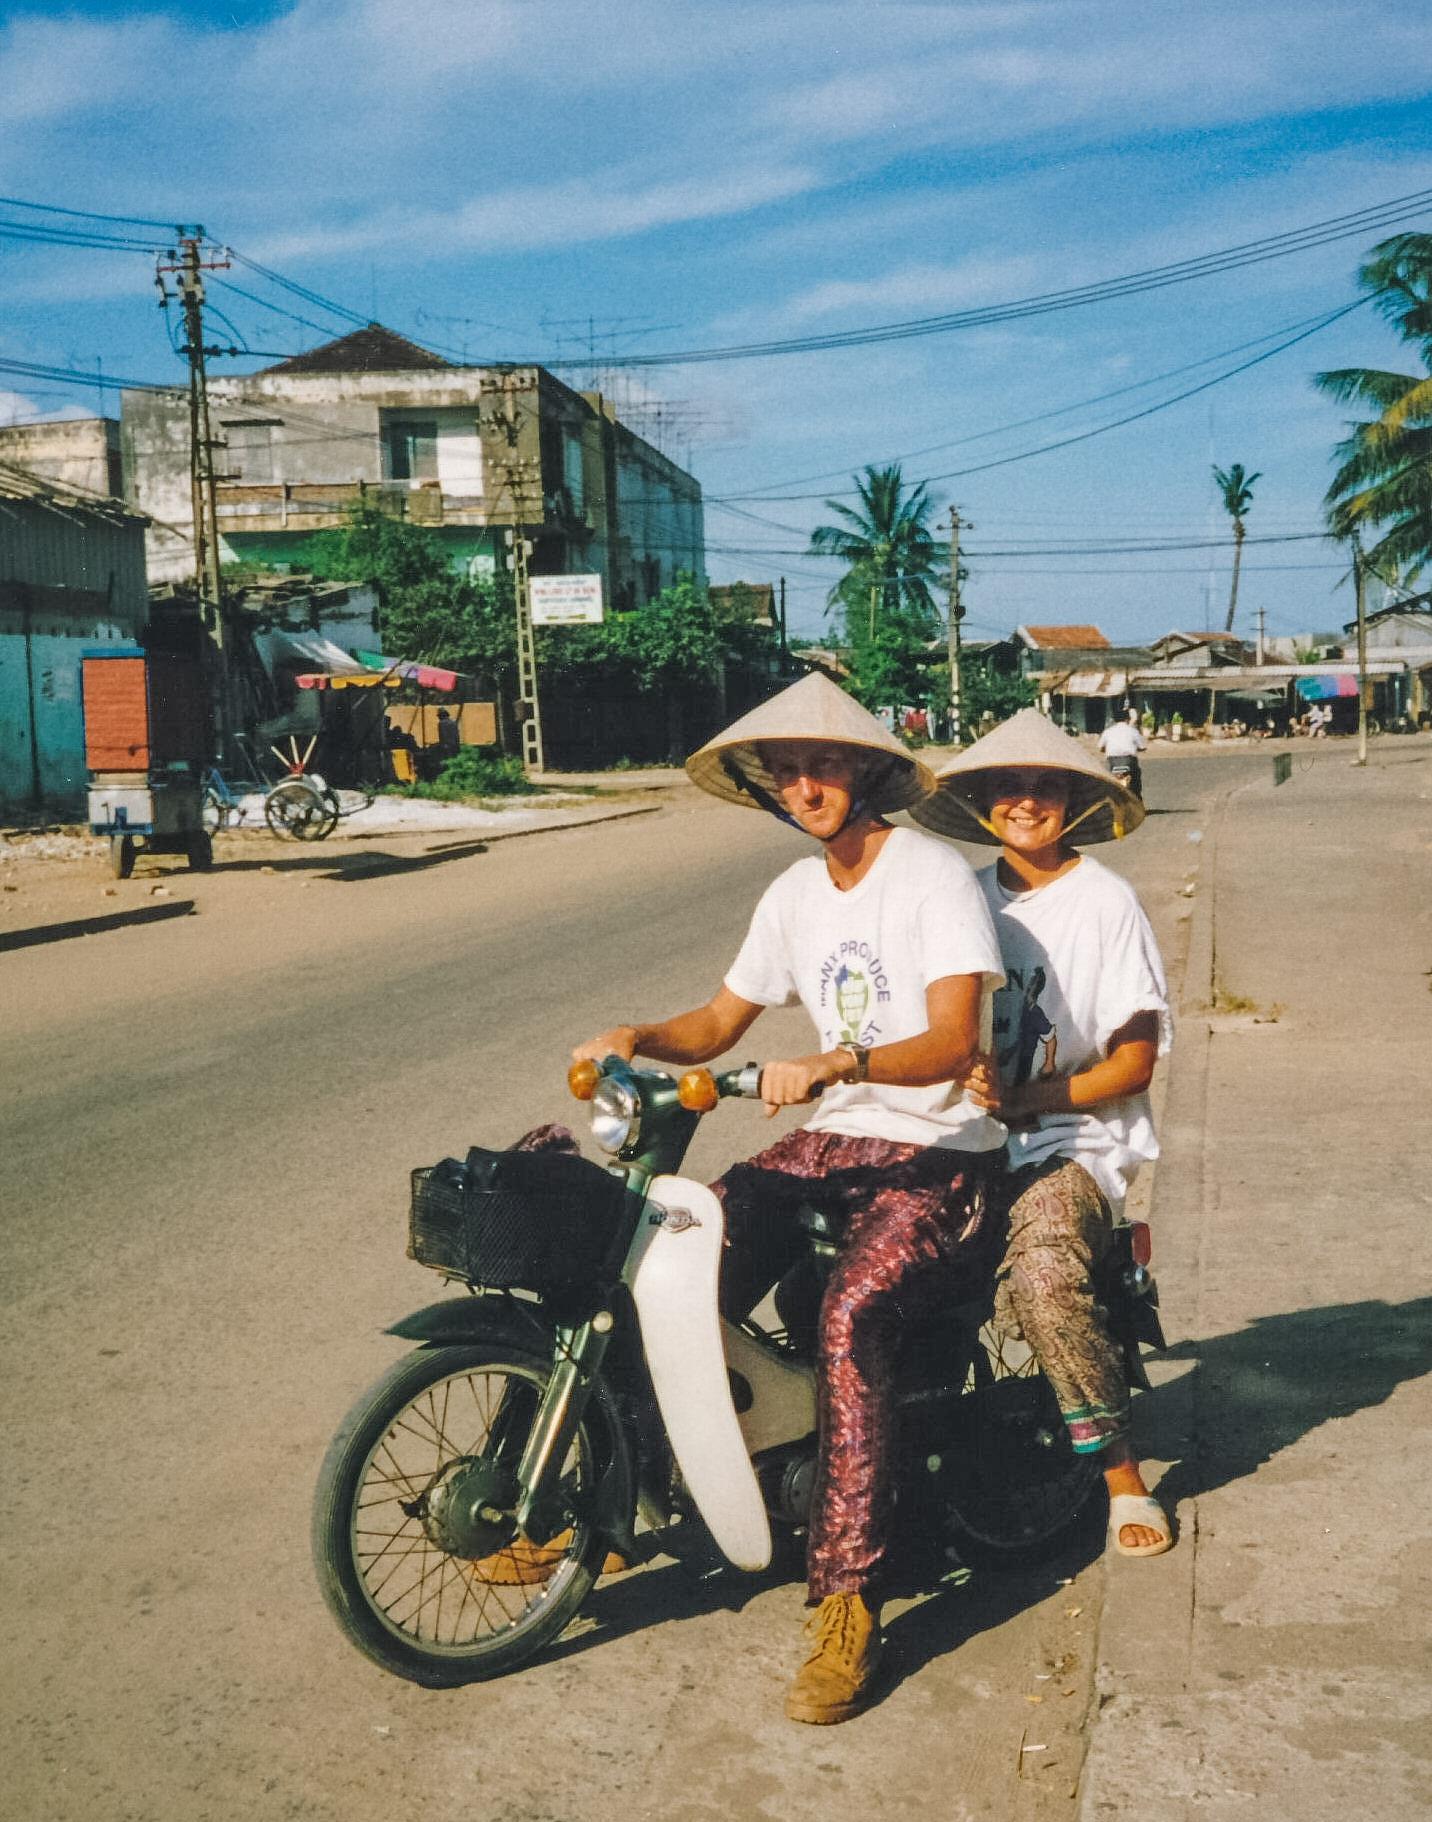 Asia Travelgeeza